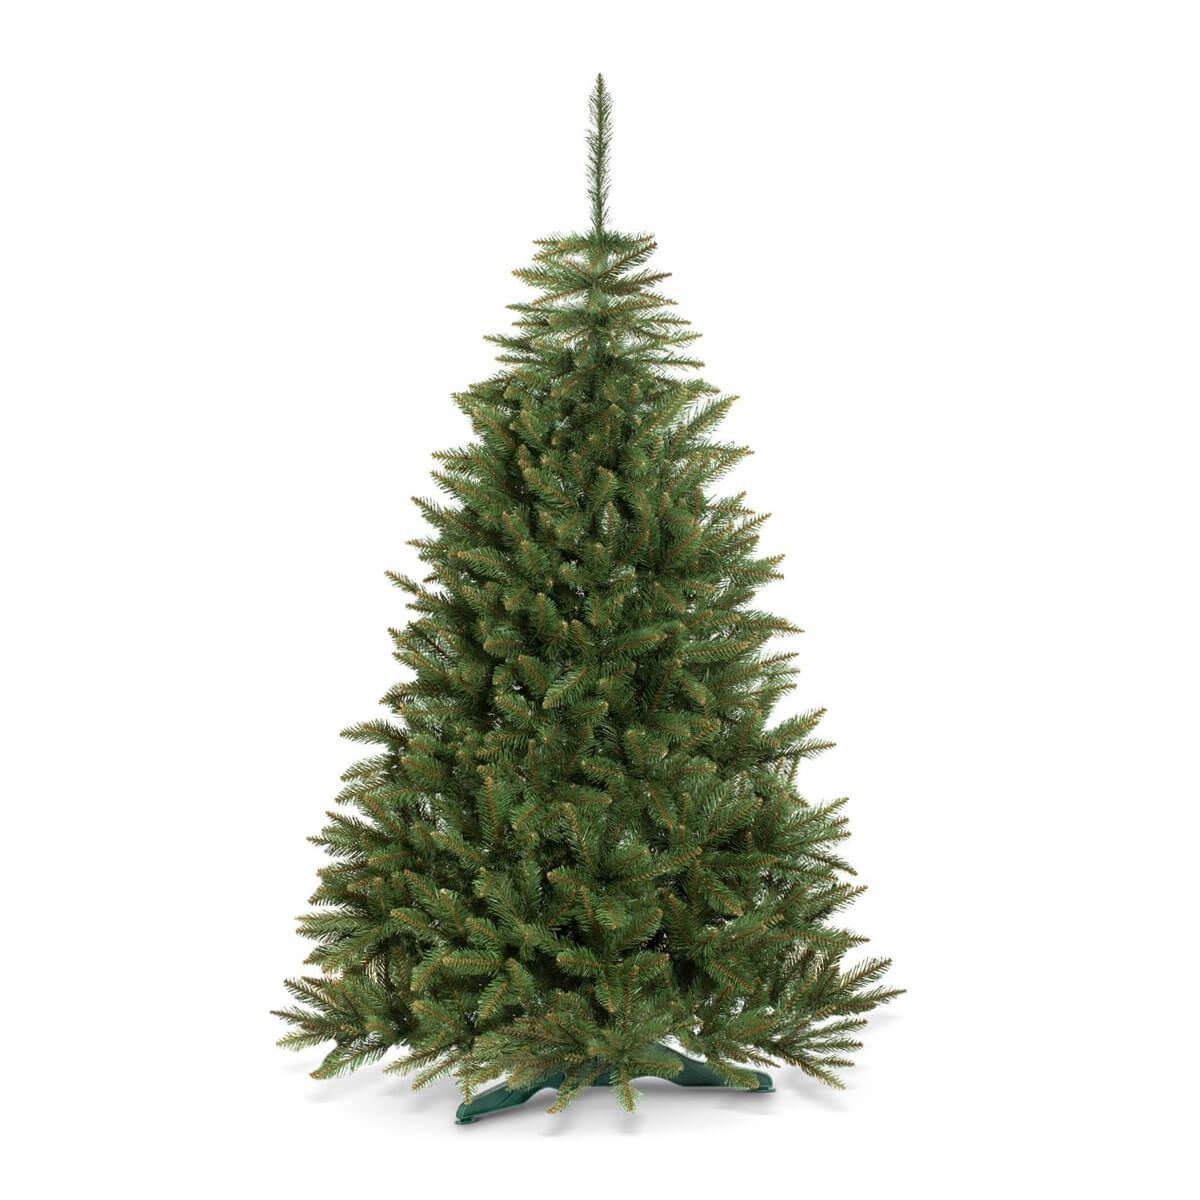 Best 28 weihnachtsbaum baumarkt wohnungideen weihnachtsbaum baumarkt dekoration - Weihnachtsbaum baumarkt ...